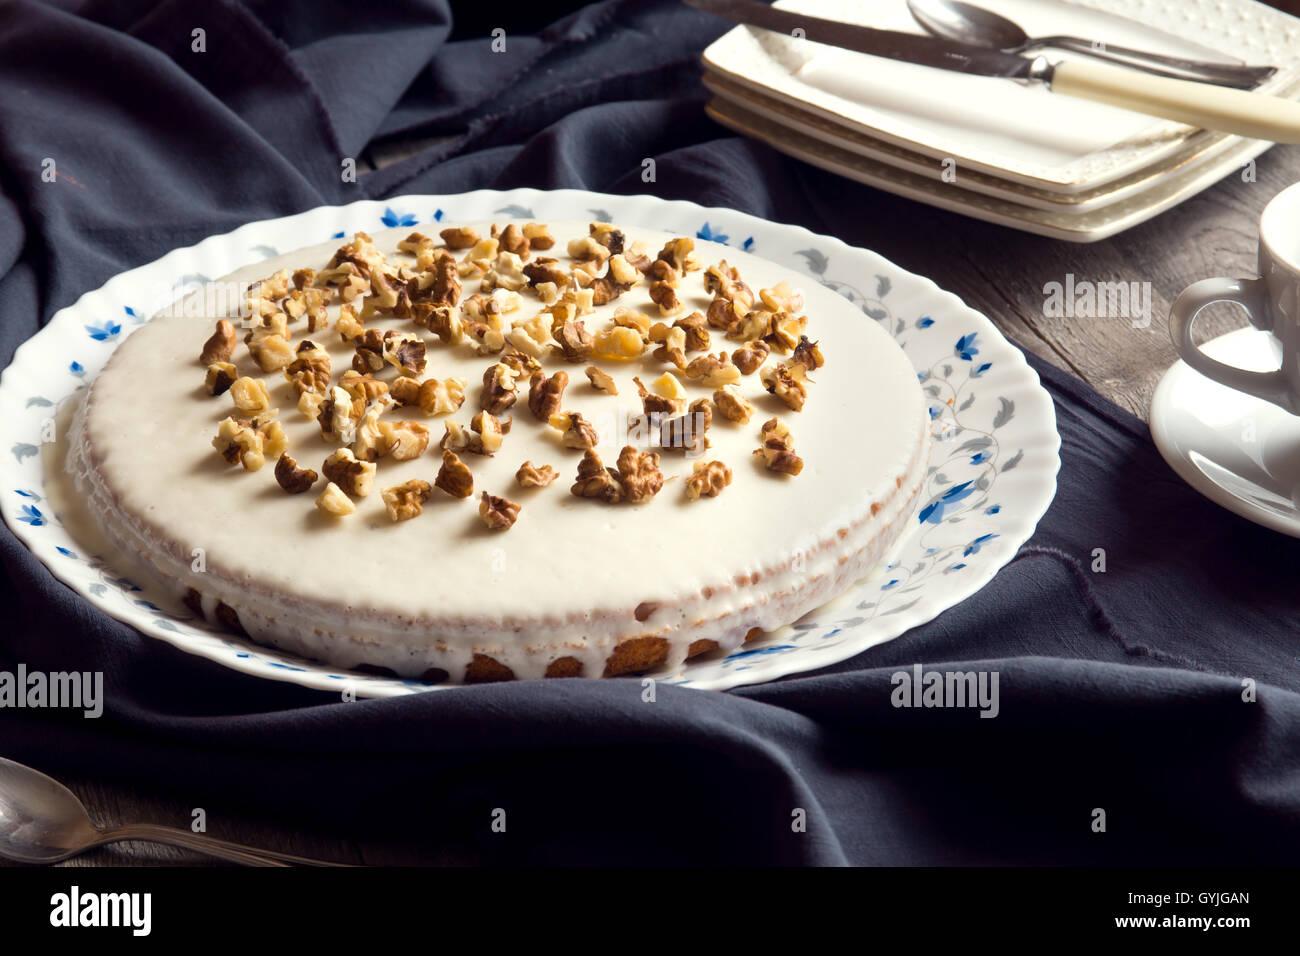 La citrouille fait maison et walnut cake avec un givrage crème table rustique en bois - Pâtisserie maison Photo Stock